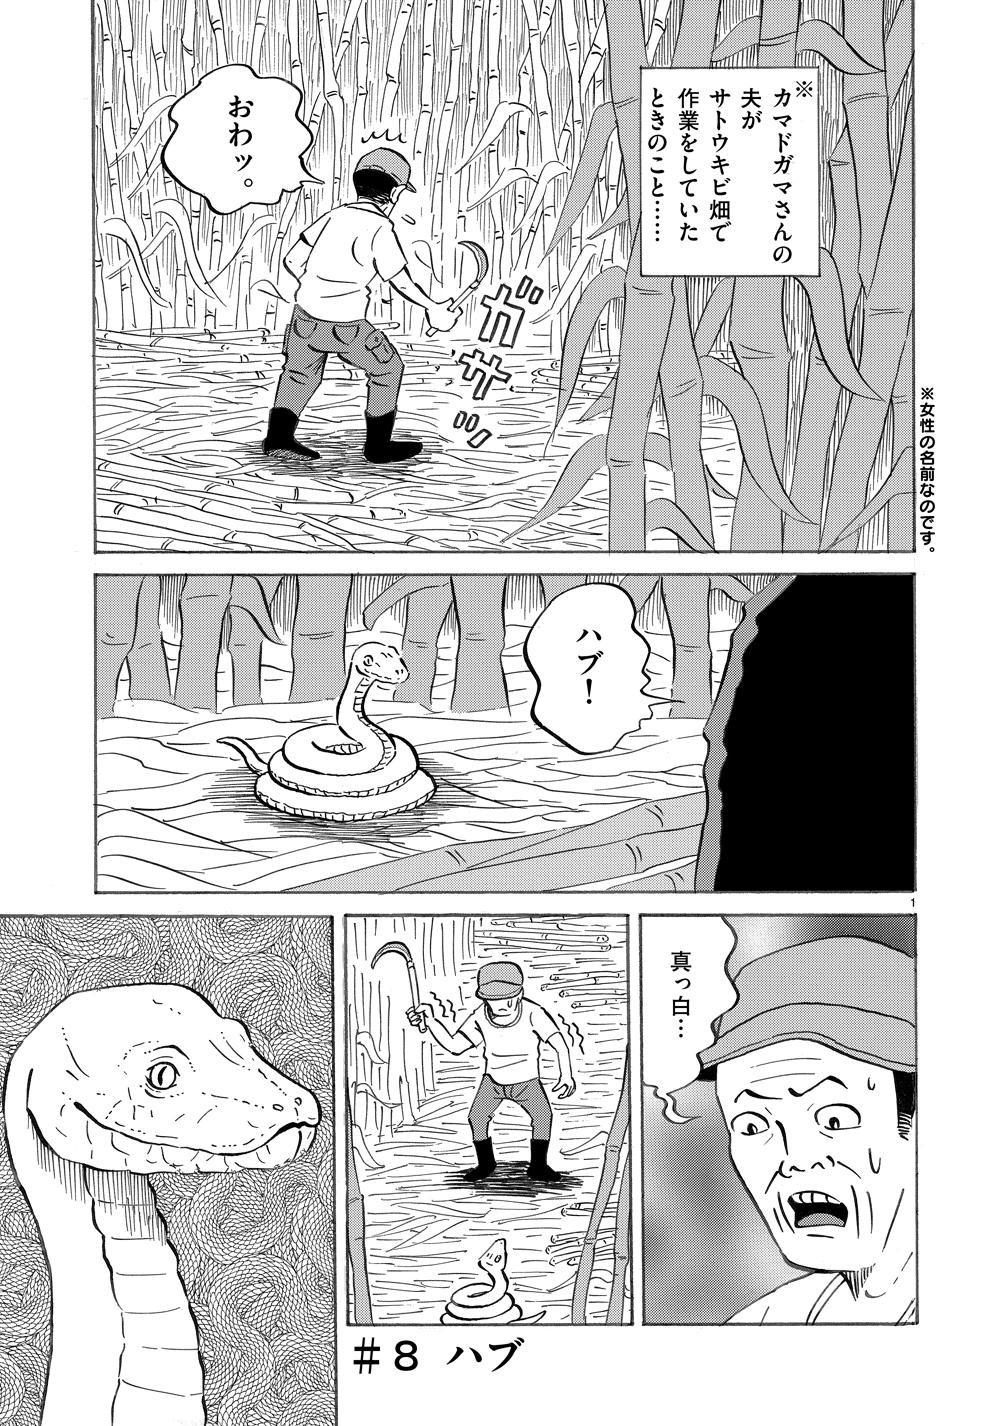 琉球怪談 【第8話】WEB掲載1ページ目画像